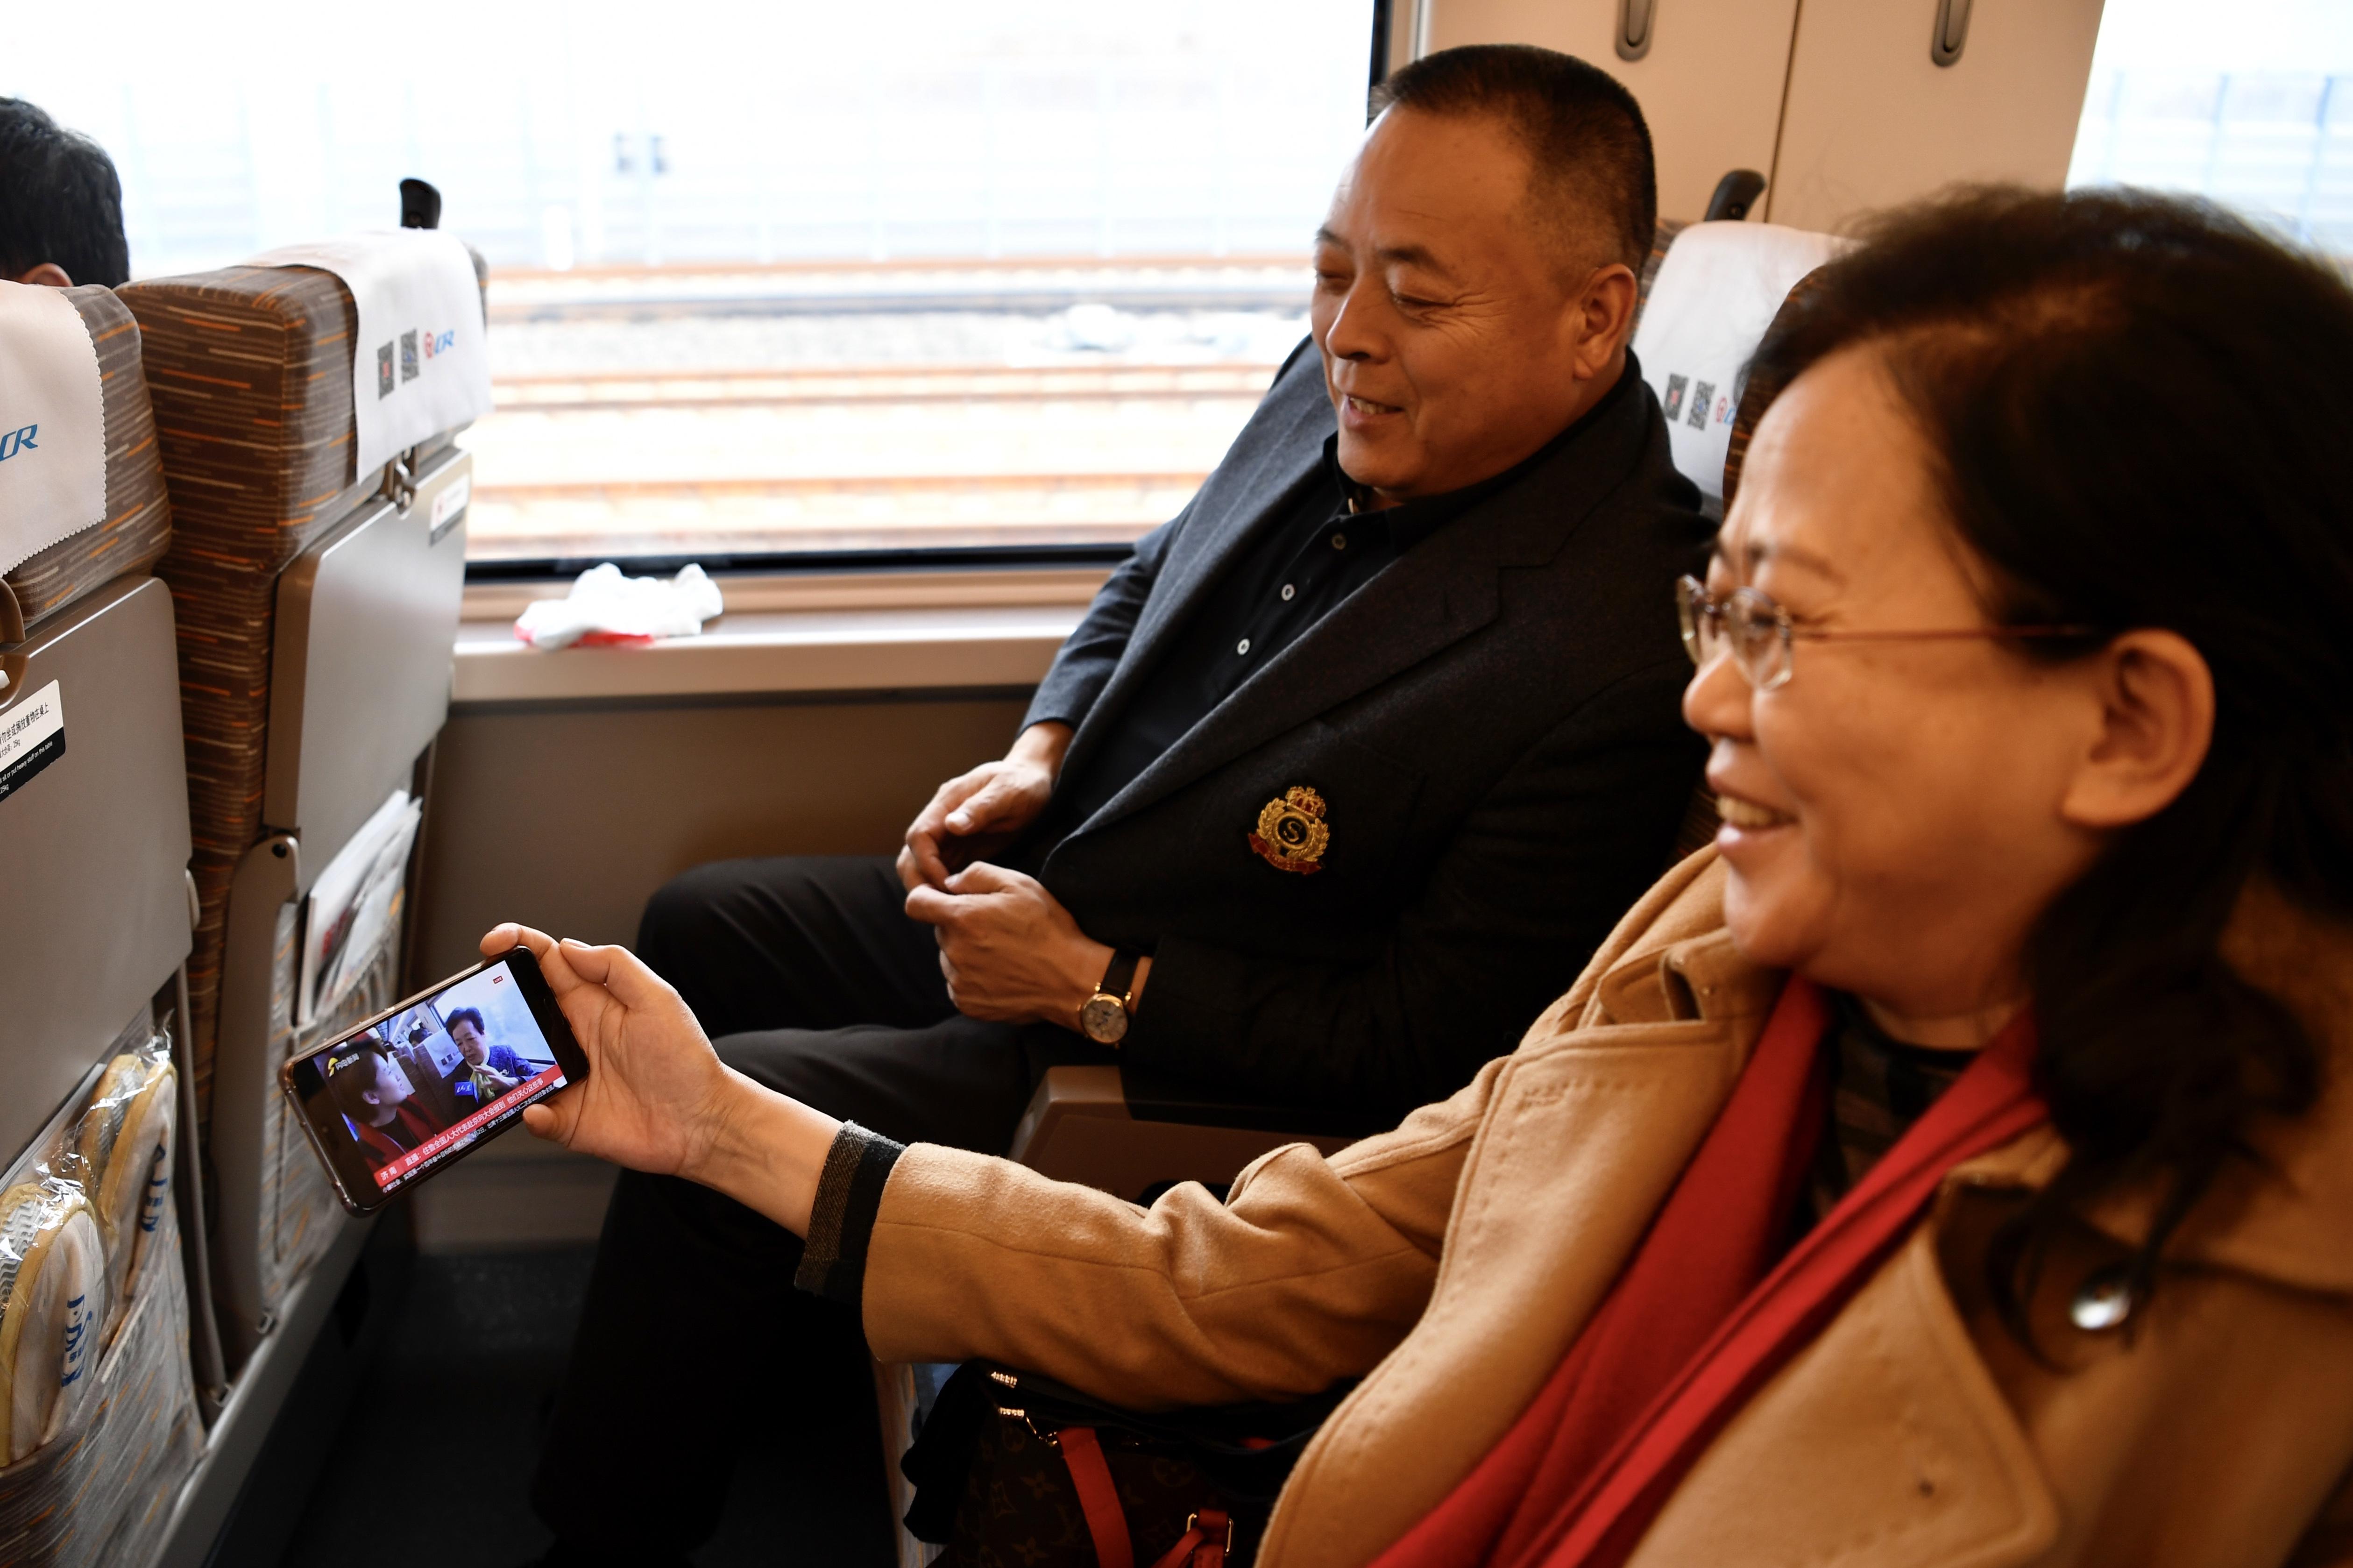 组图:住鲁全国人大代表赴京向大会报到 车上的他们最关心这些事